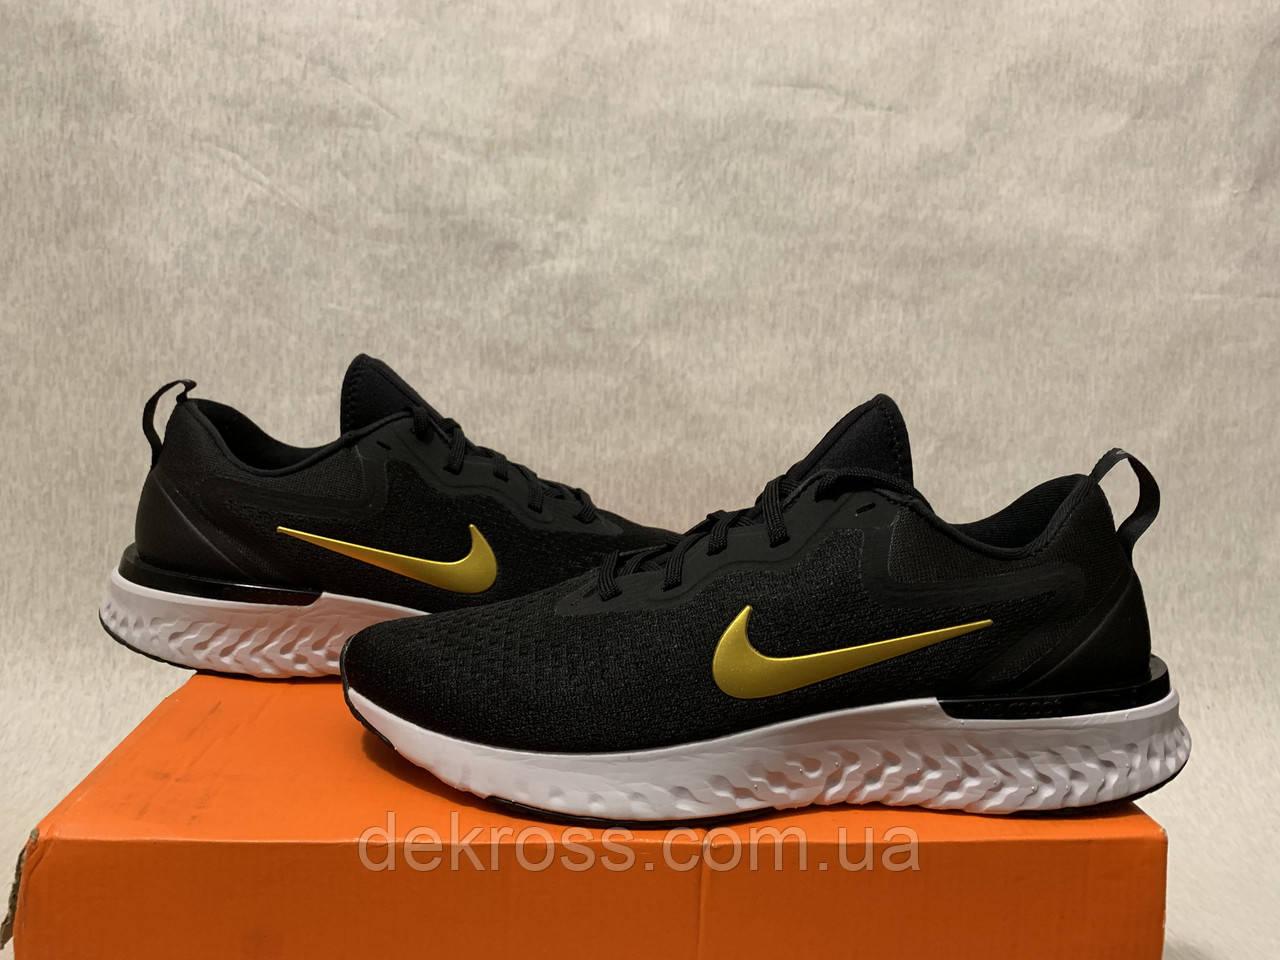 Кросівки Nike Odyssey React Оригінал A09820-011